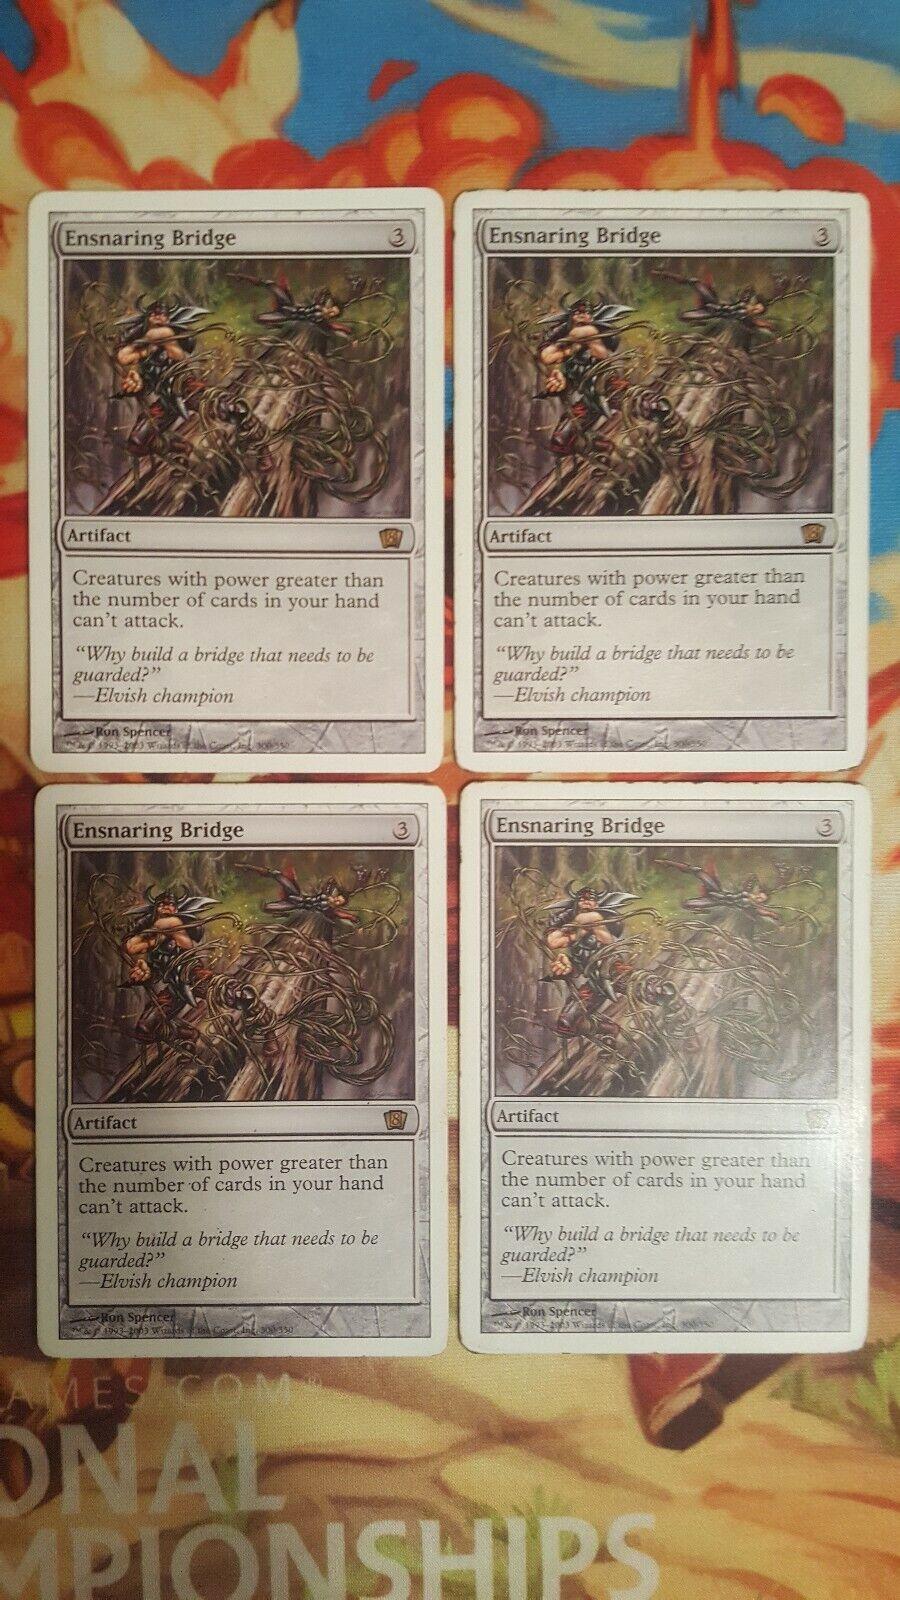 El puente 4 x magia colecciona la tarjeta mtg.